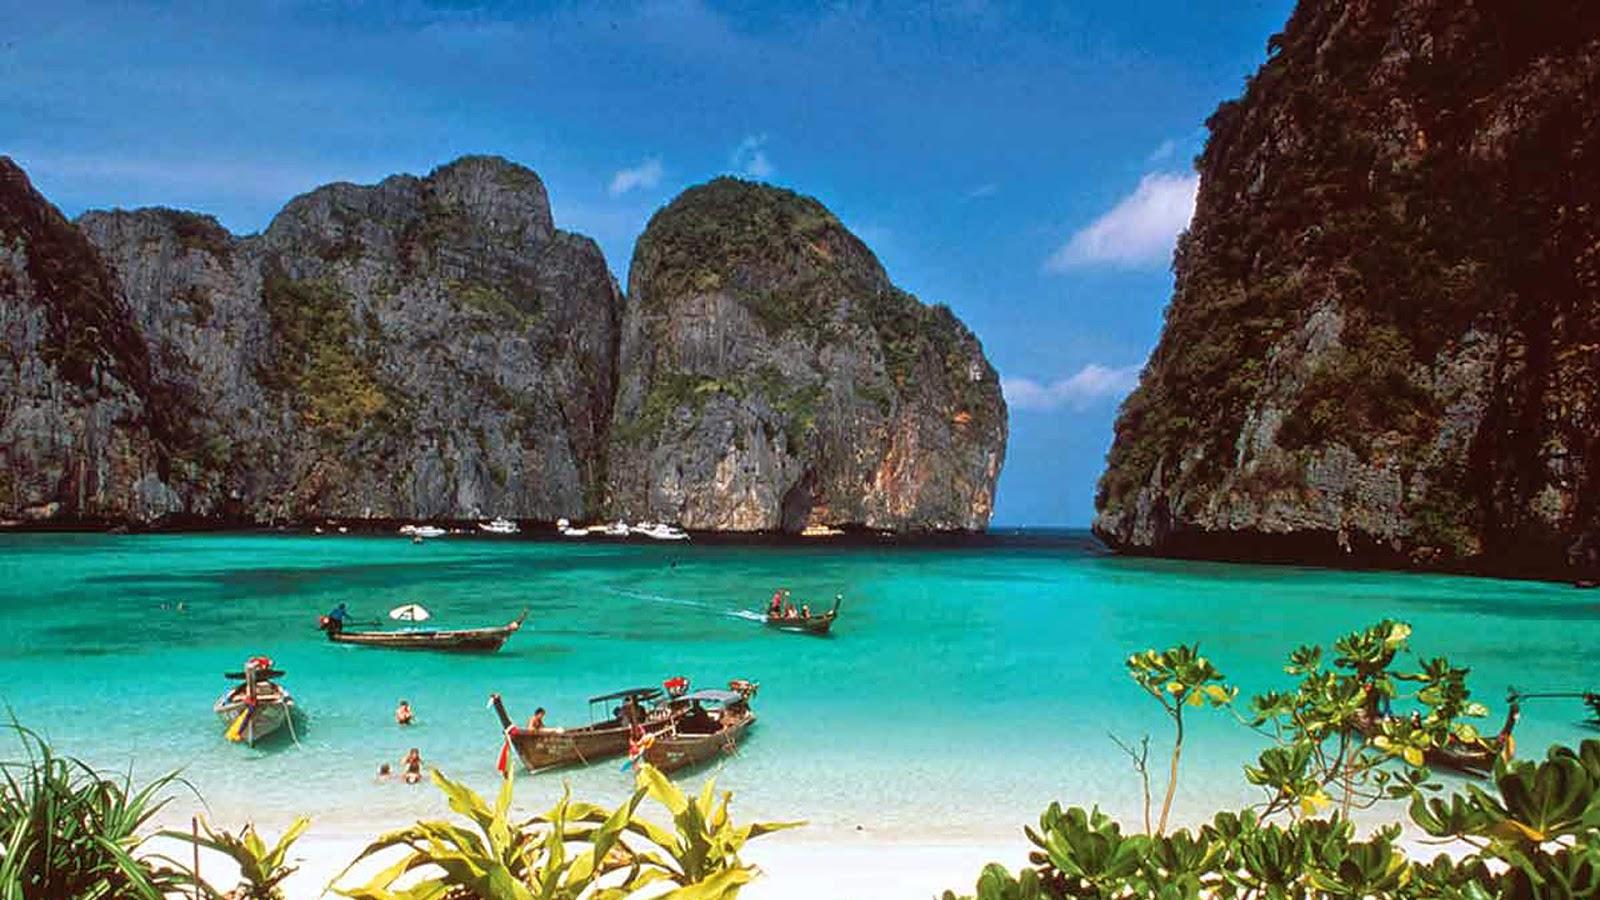 keindahan-tempat-wisata-raja-ampat-papua